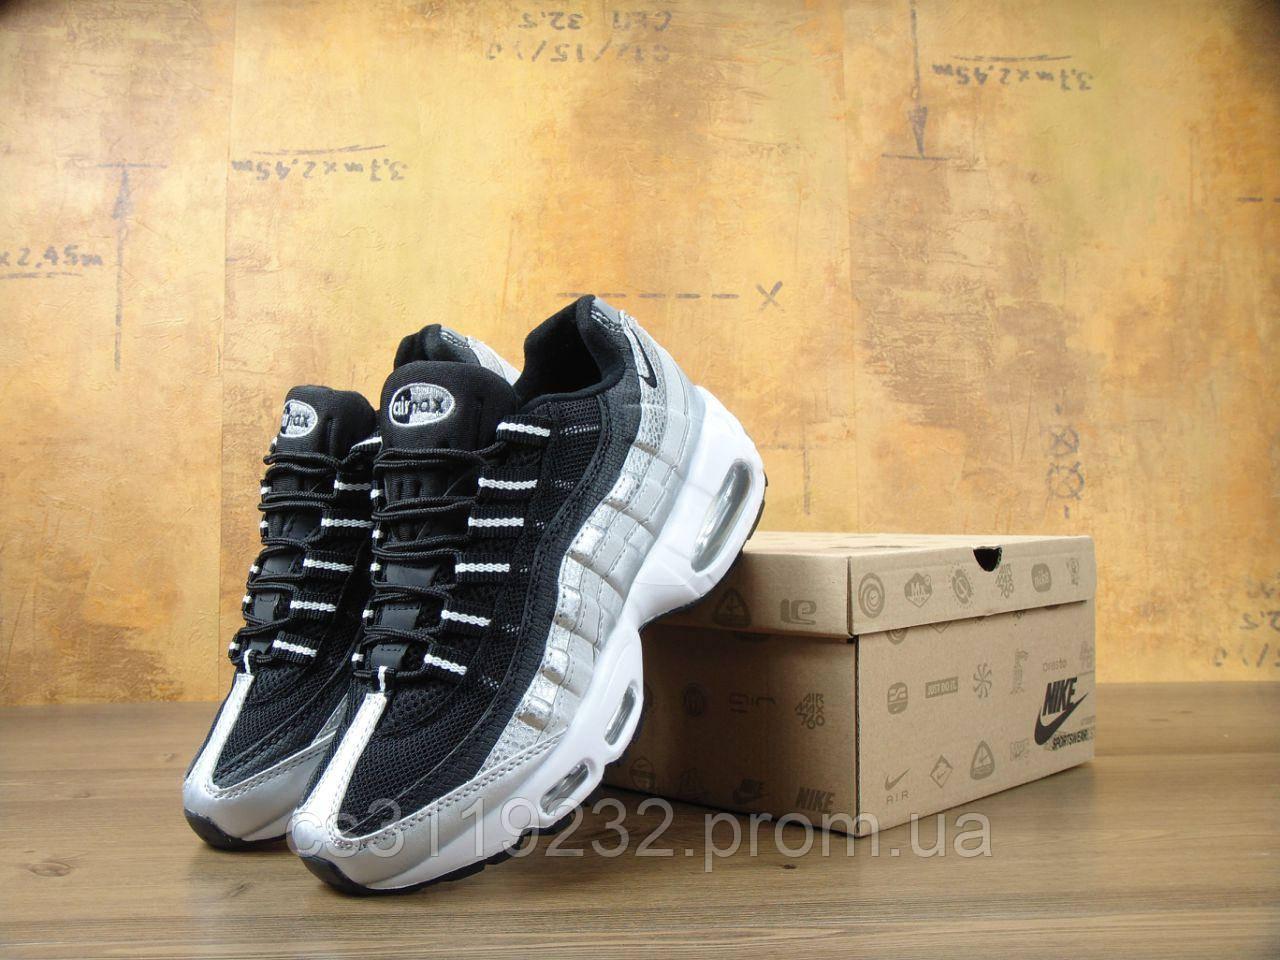 Мужские кроссовки Nike Air Max 95 Essential  (черно-серые)